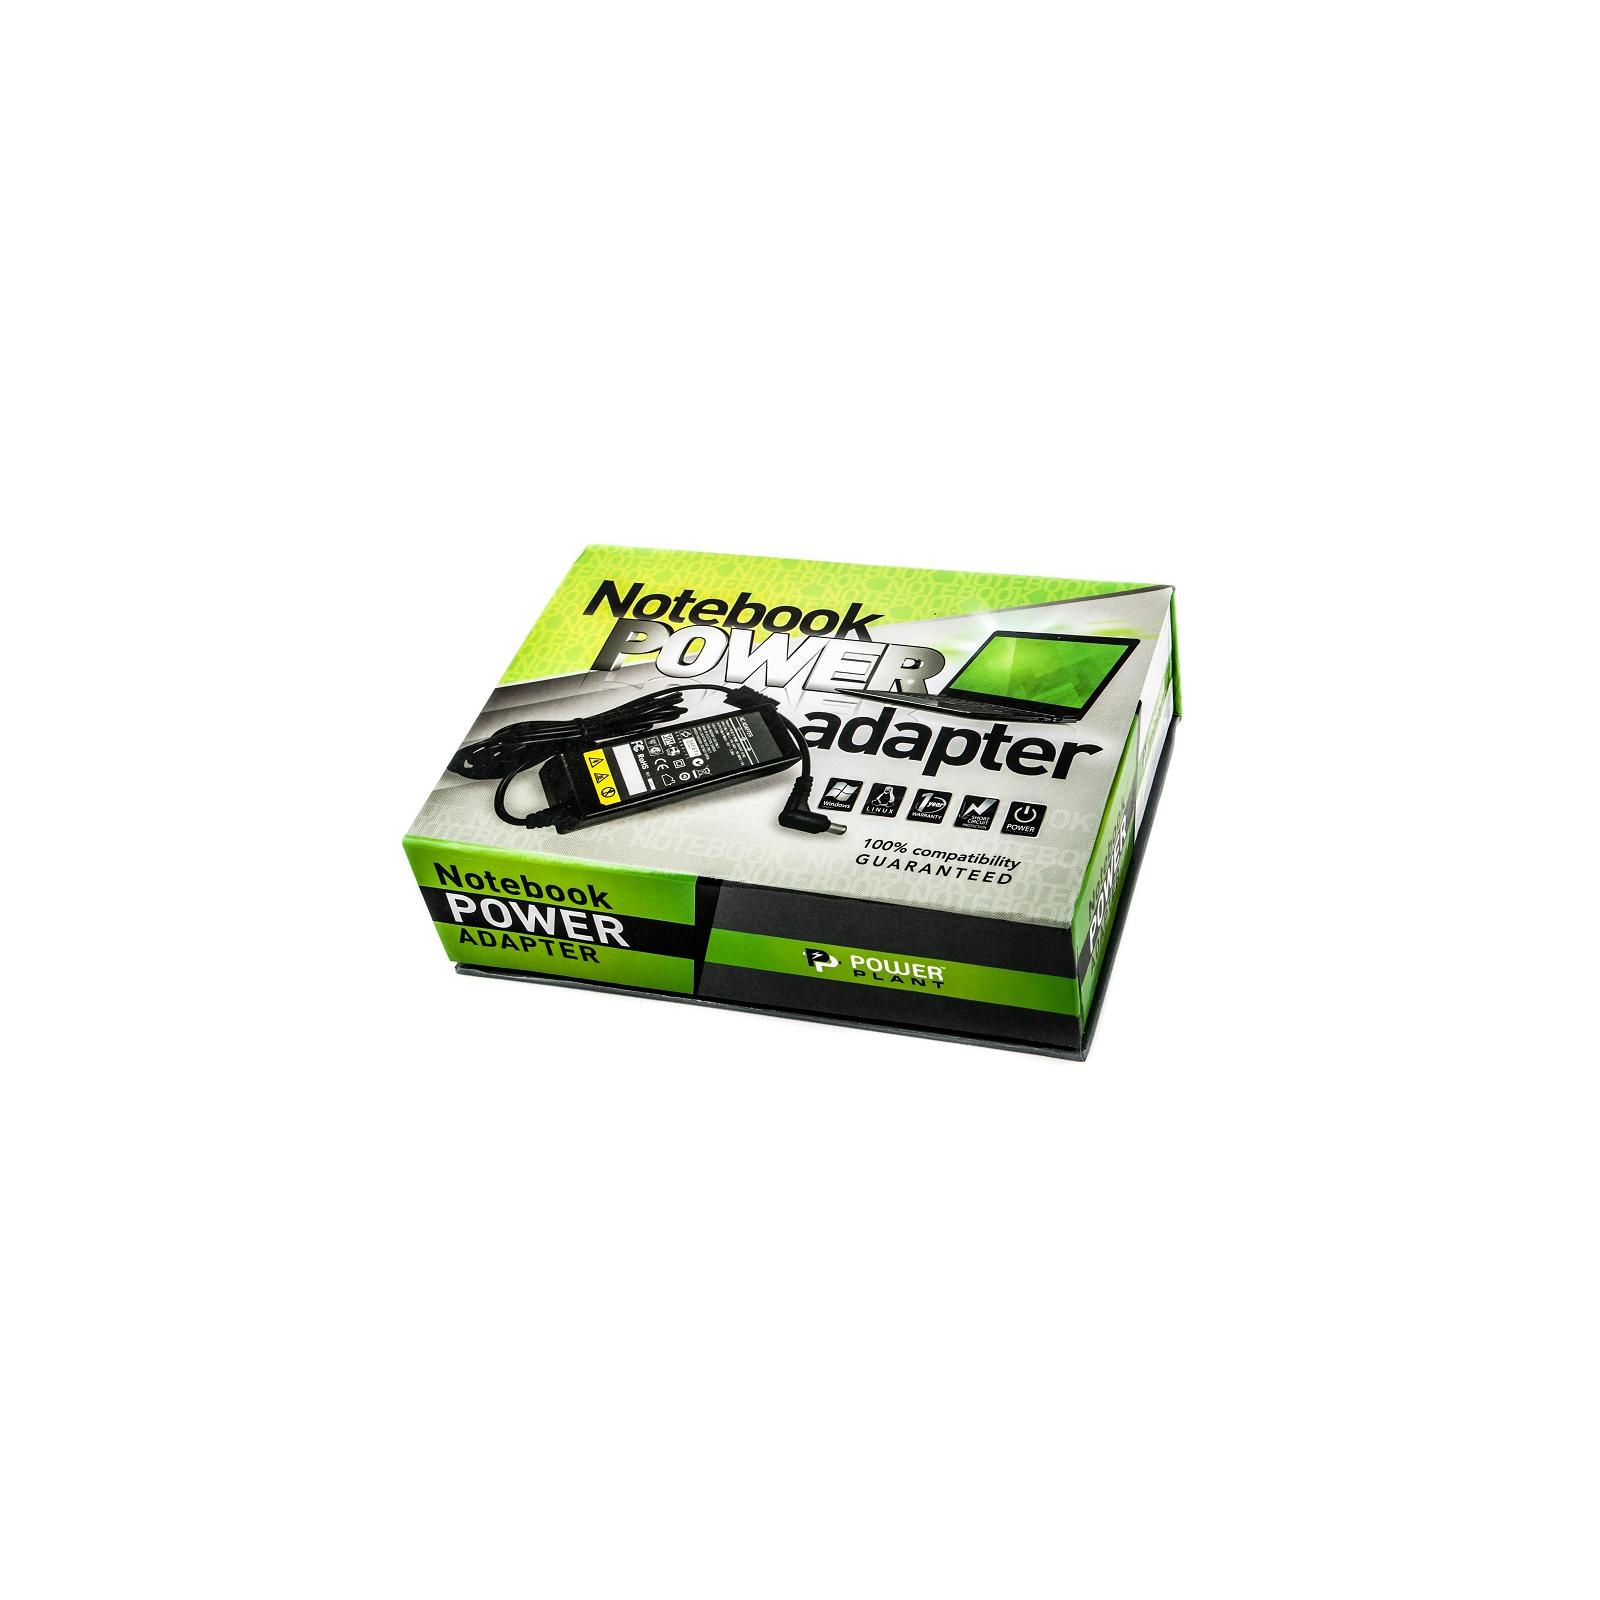 Блок питания к ноутбуку PowerPlant HP 12V, 19.5V 40W 2.05A (4.0*1.7) автомобильный (HPA40G4015) изображение 2